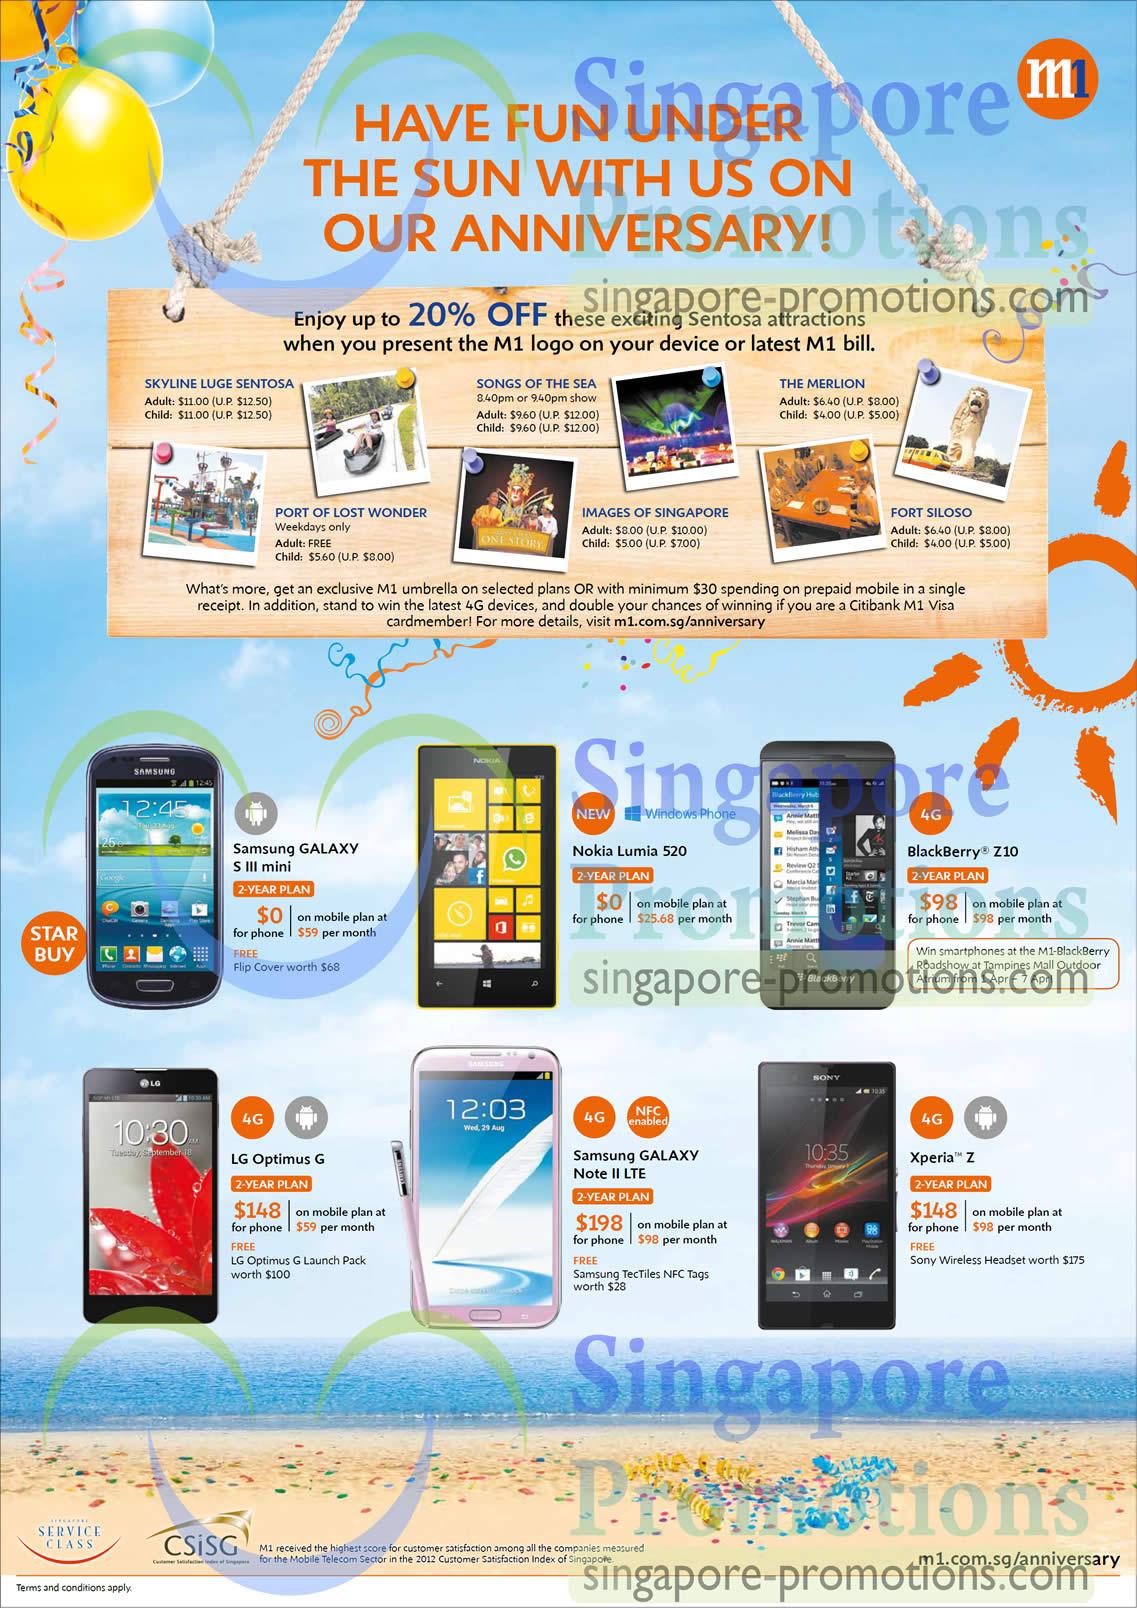 Samsung Galaxy S III Mini, Samsung Galaxy Note II LTE, Nokia Lumia 520, Blackberry Z10, LG Optimus G, Sony Xperiz Z